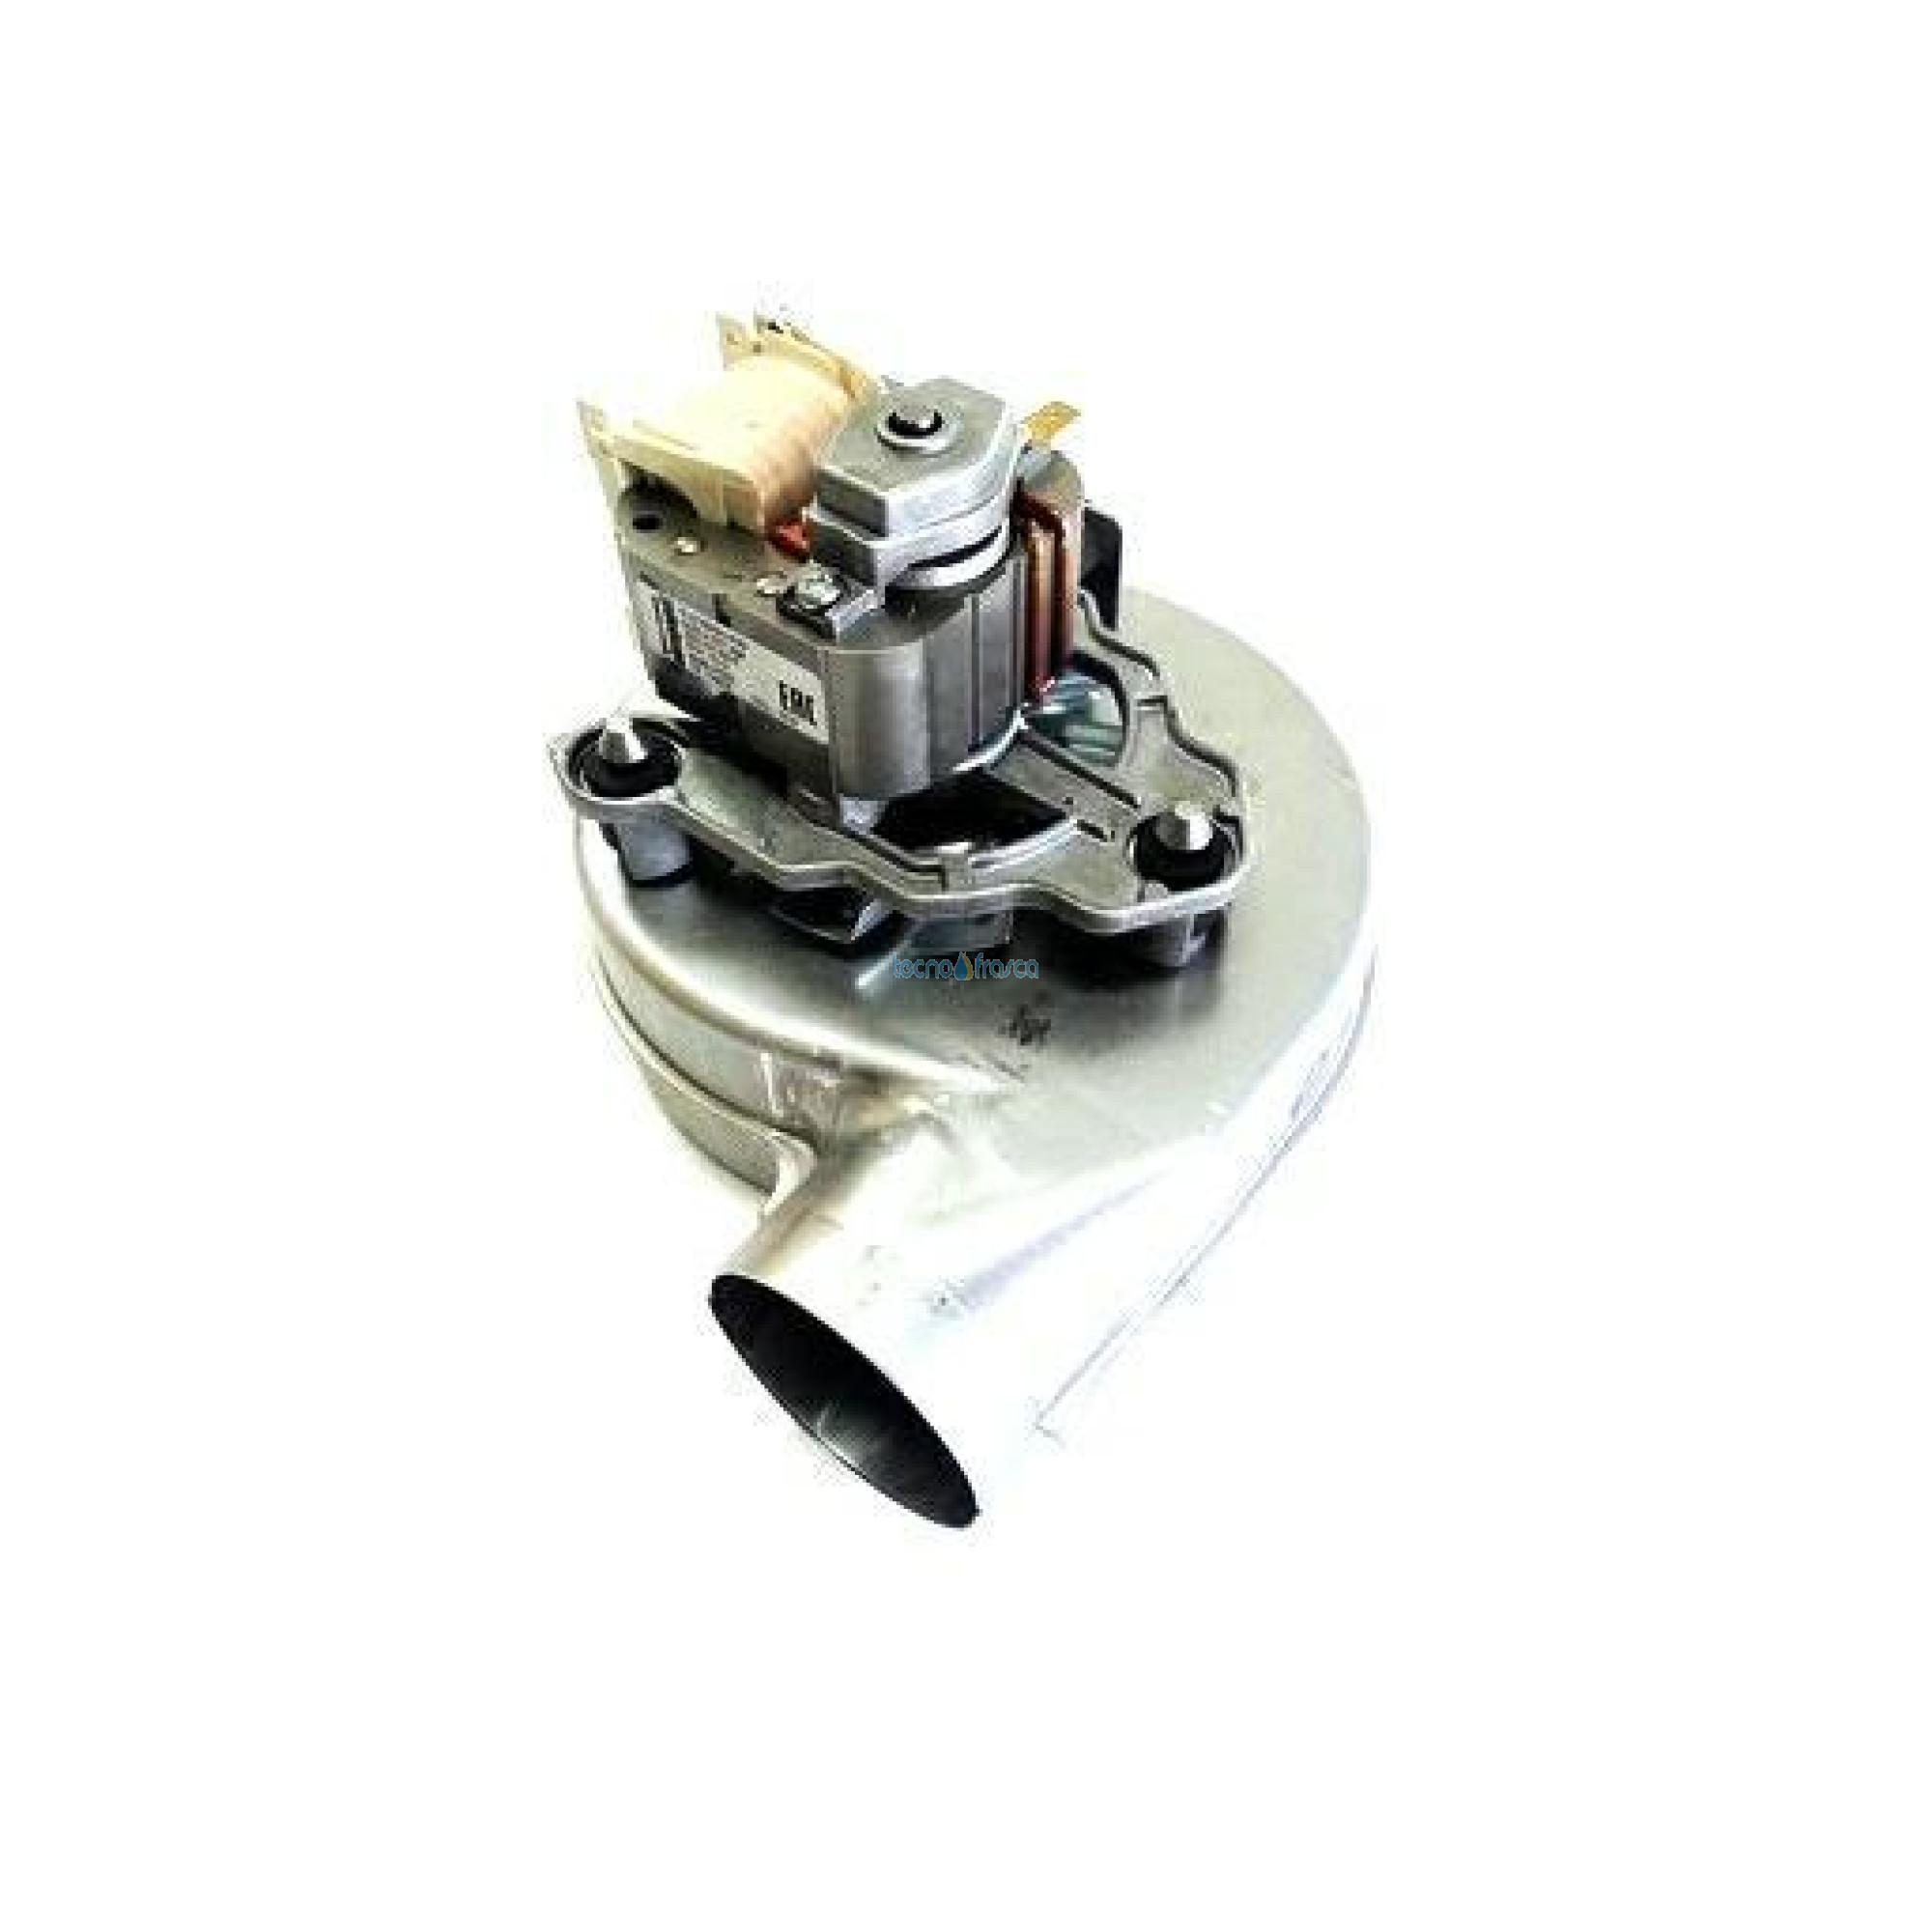 Baxi estrattore fumi rlg108 eco 3 eco luna 2000 jjj005653850